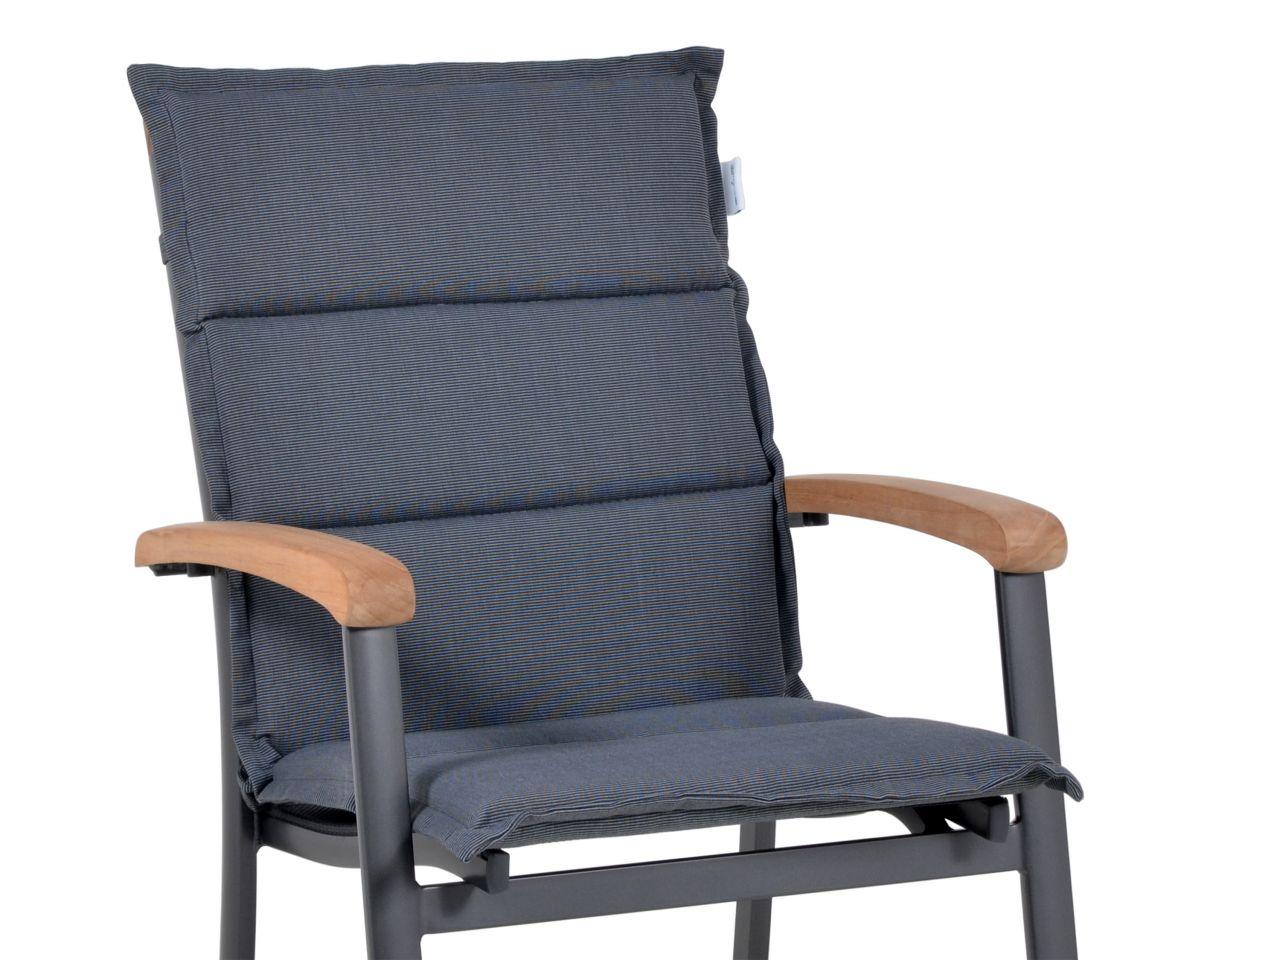 Alu Niederlehner Auflage Malibu, Farbe: denim-blue